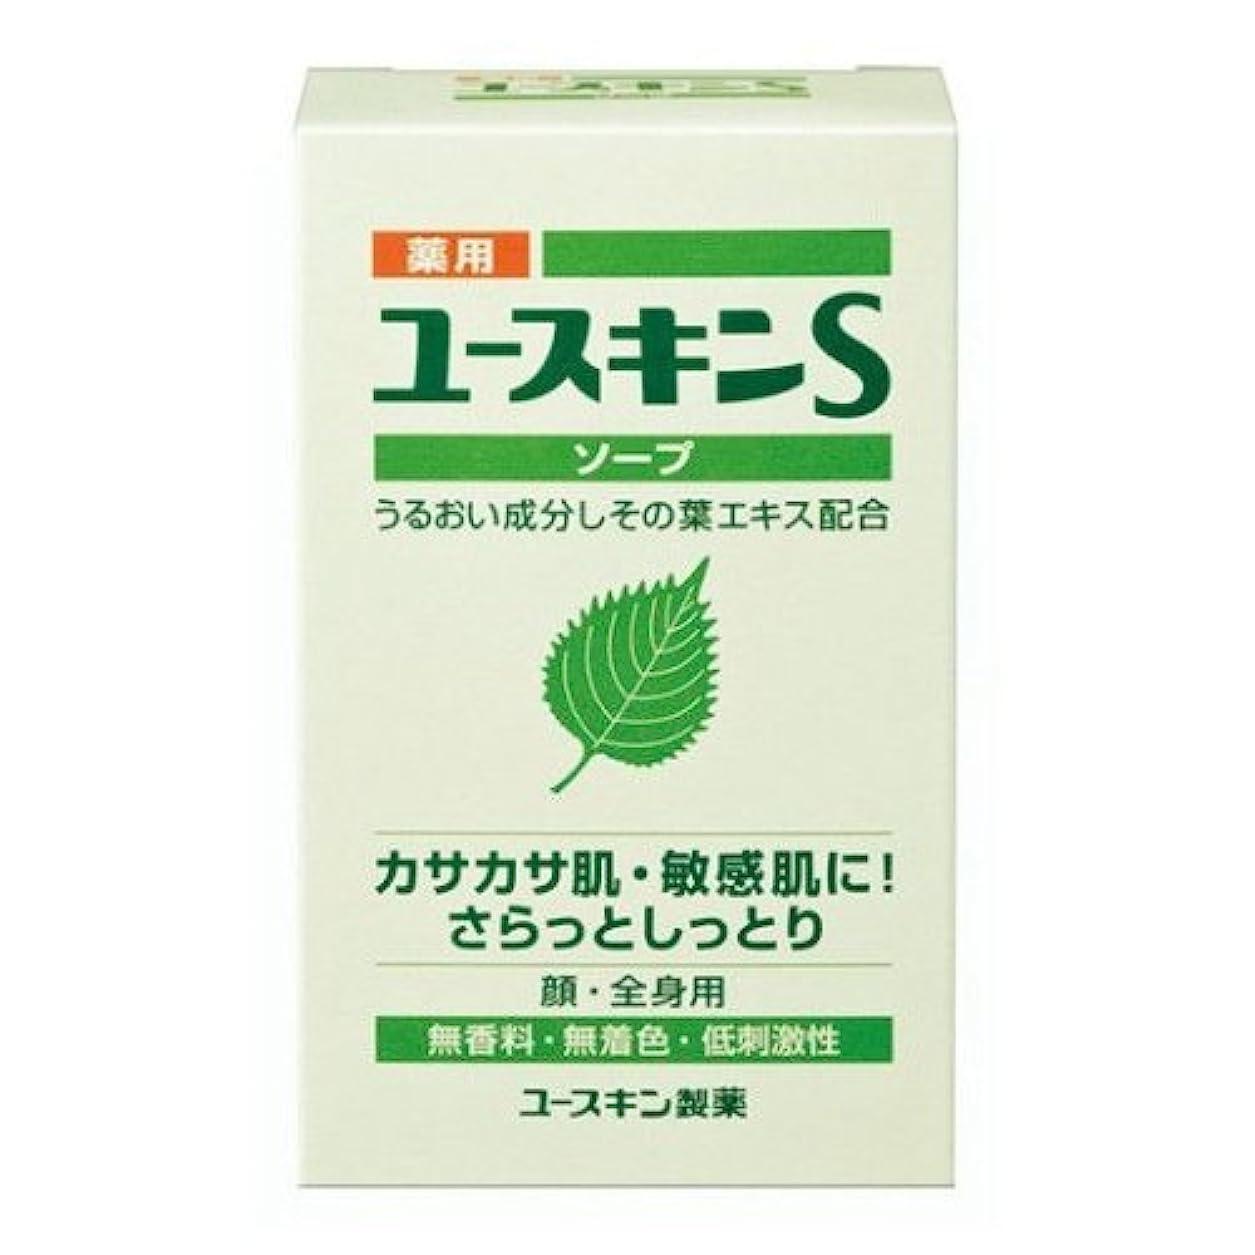 失態コウモリ登録するユースキン製薬 薬用ユースキンSソープ 90g(医薬部外品)